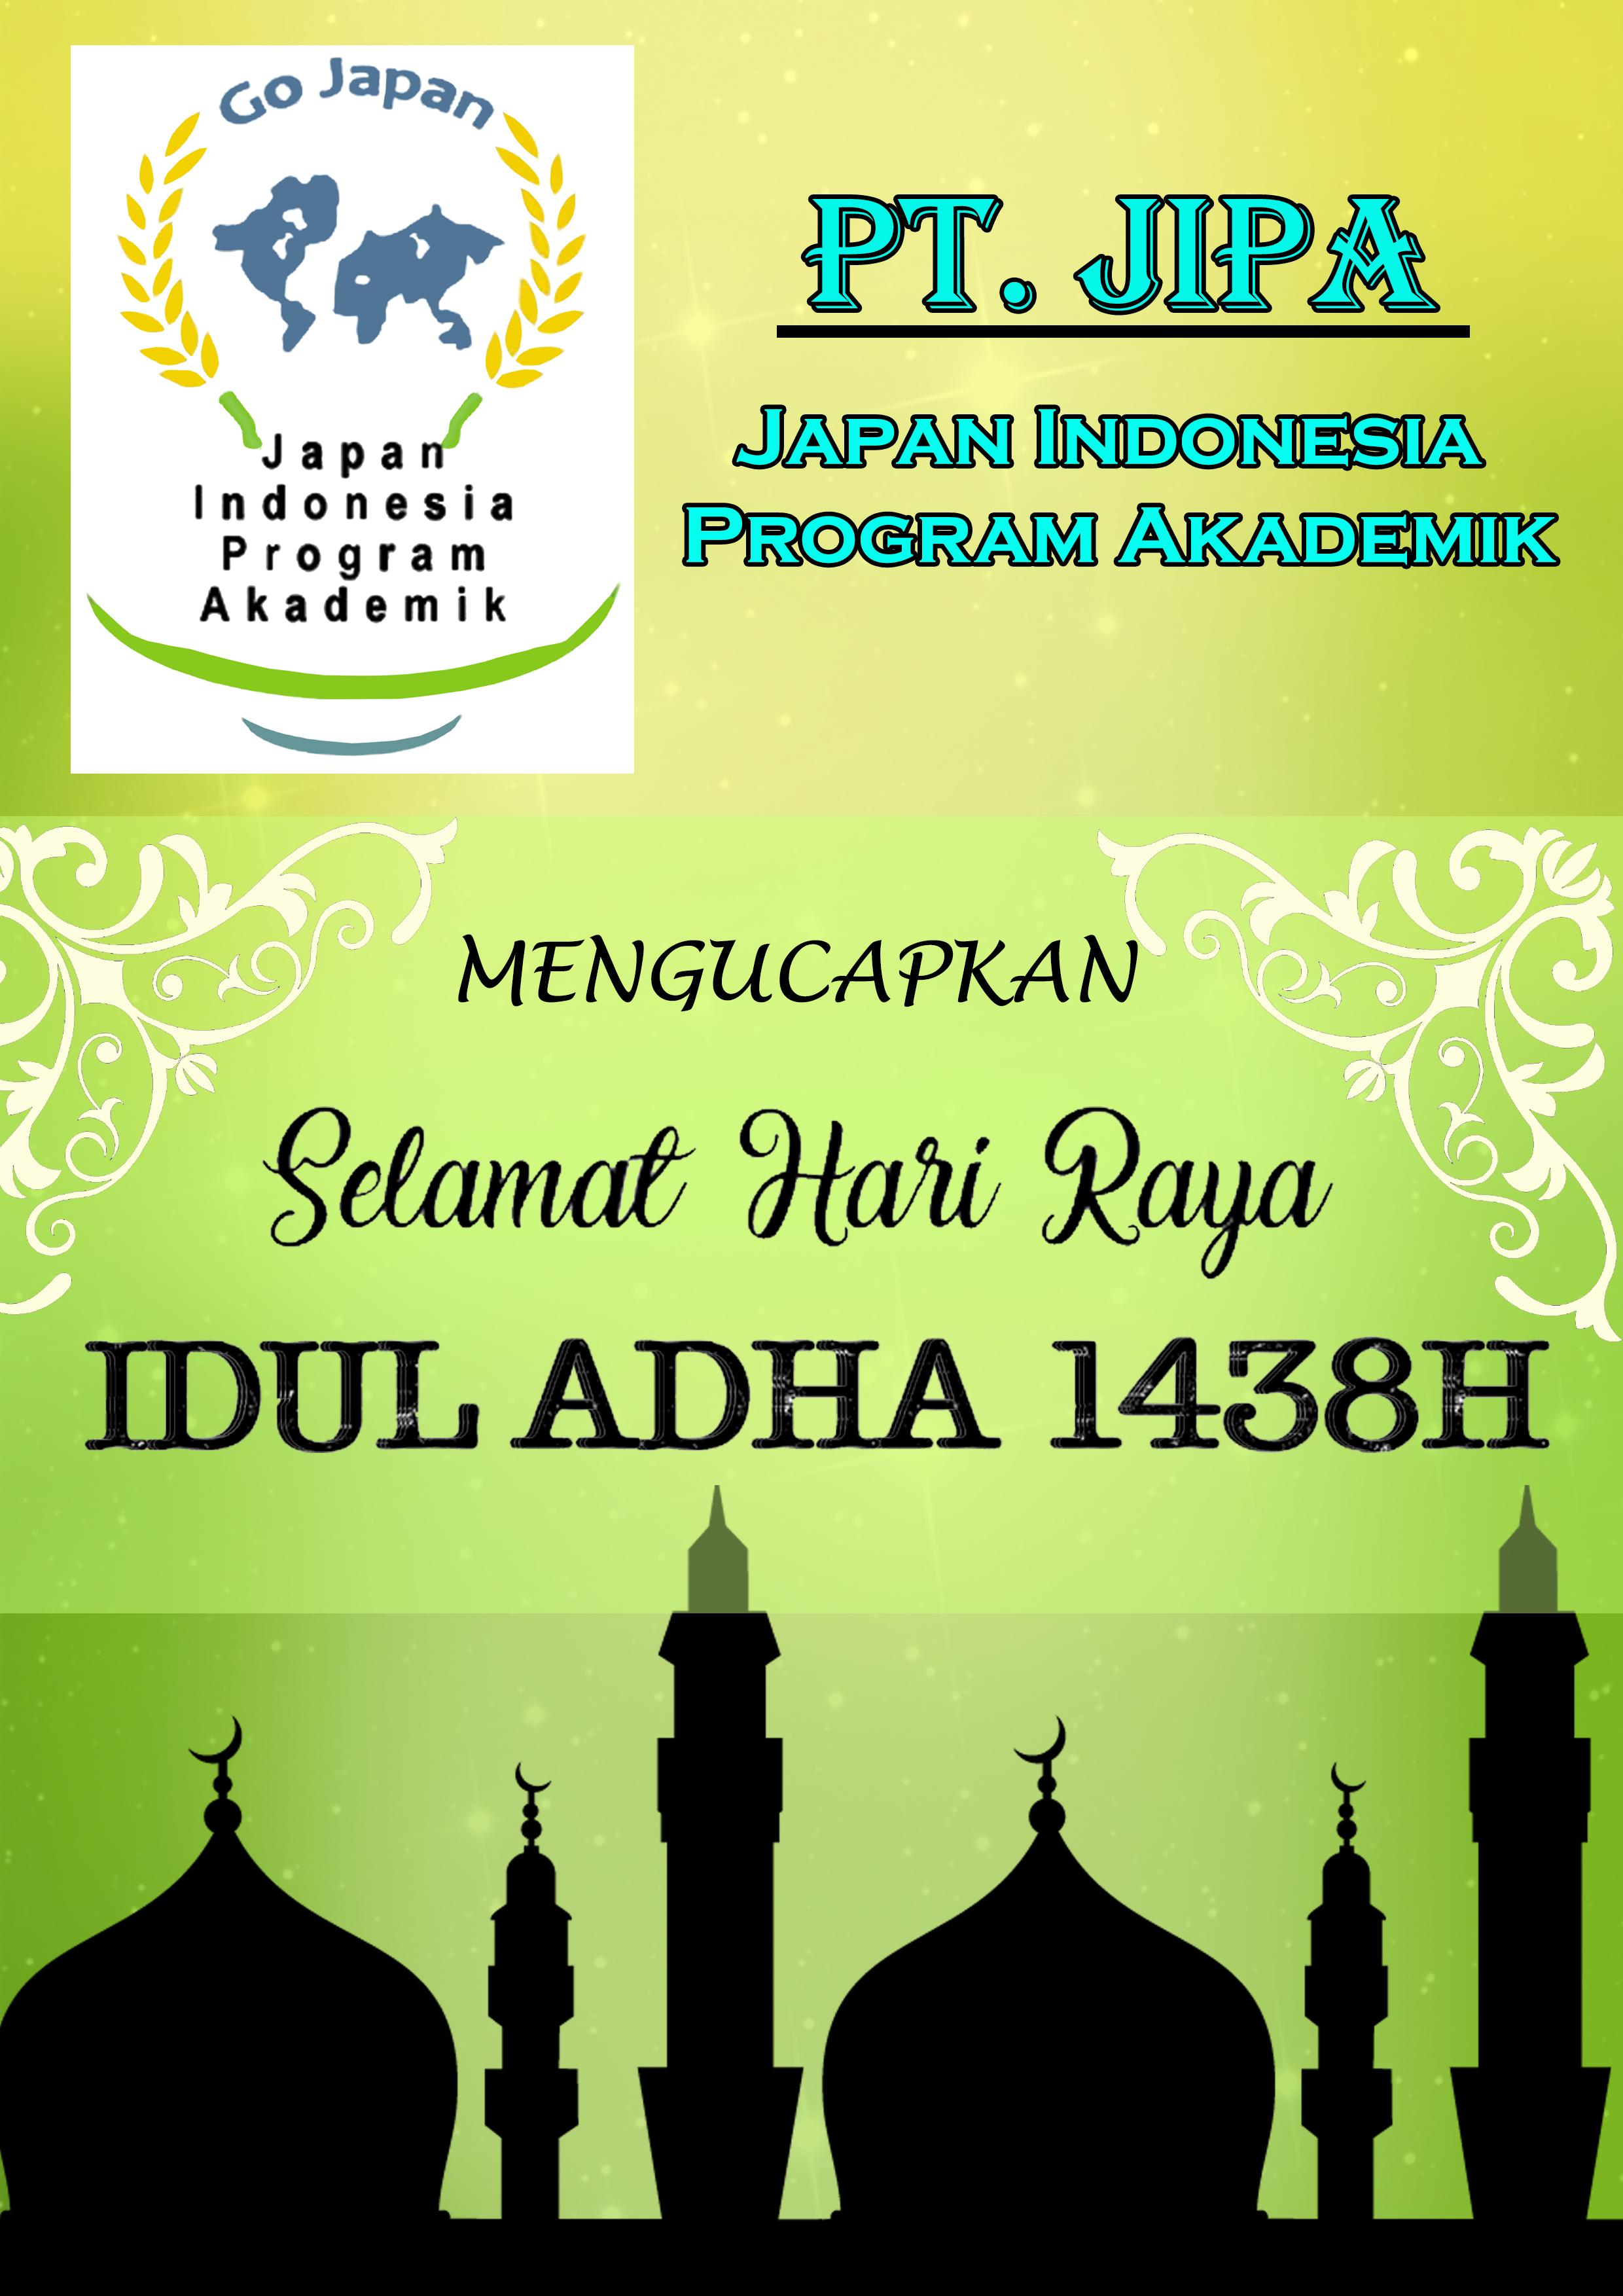 Lebaran Idul Adha 2019 - Nusagates